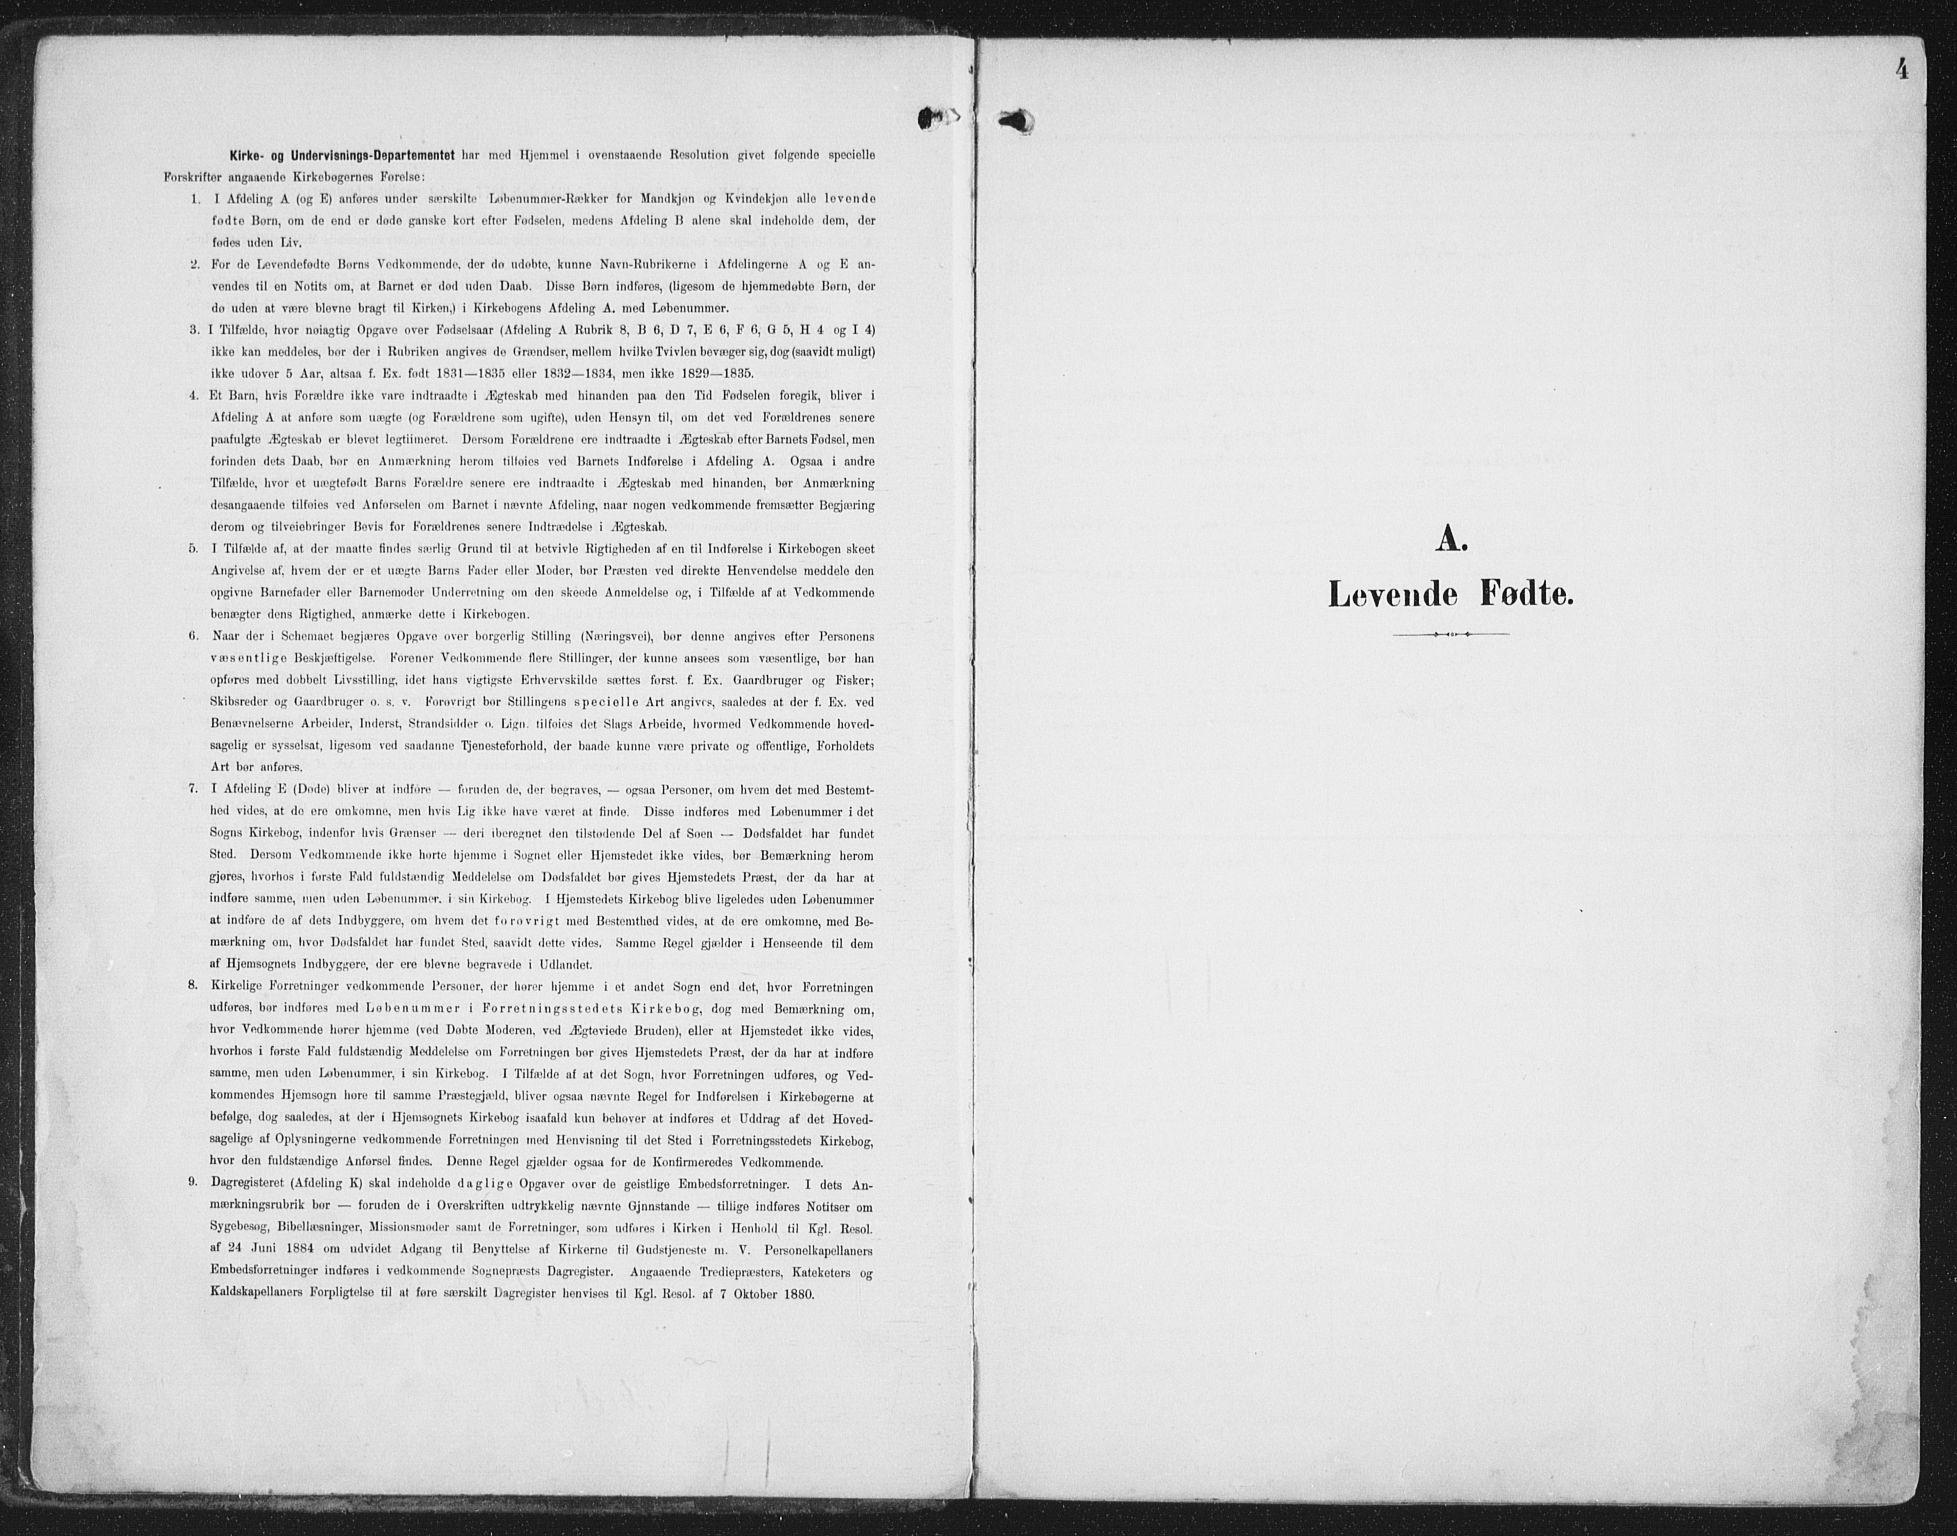 SAT, Ministerialprotokoller, klokkerbøker og fødselsregistre - Nord-Trøndelag, 786/L0688: Ministerialbok nr. 786A04, 1899-1912, s. 4